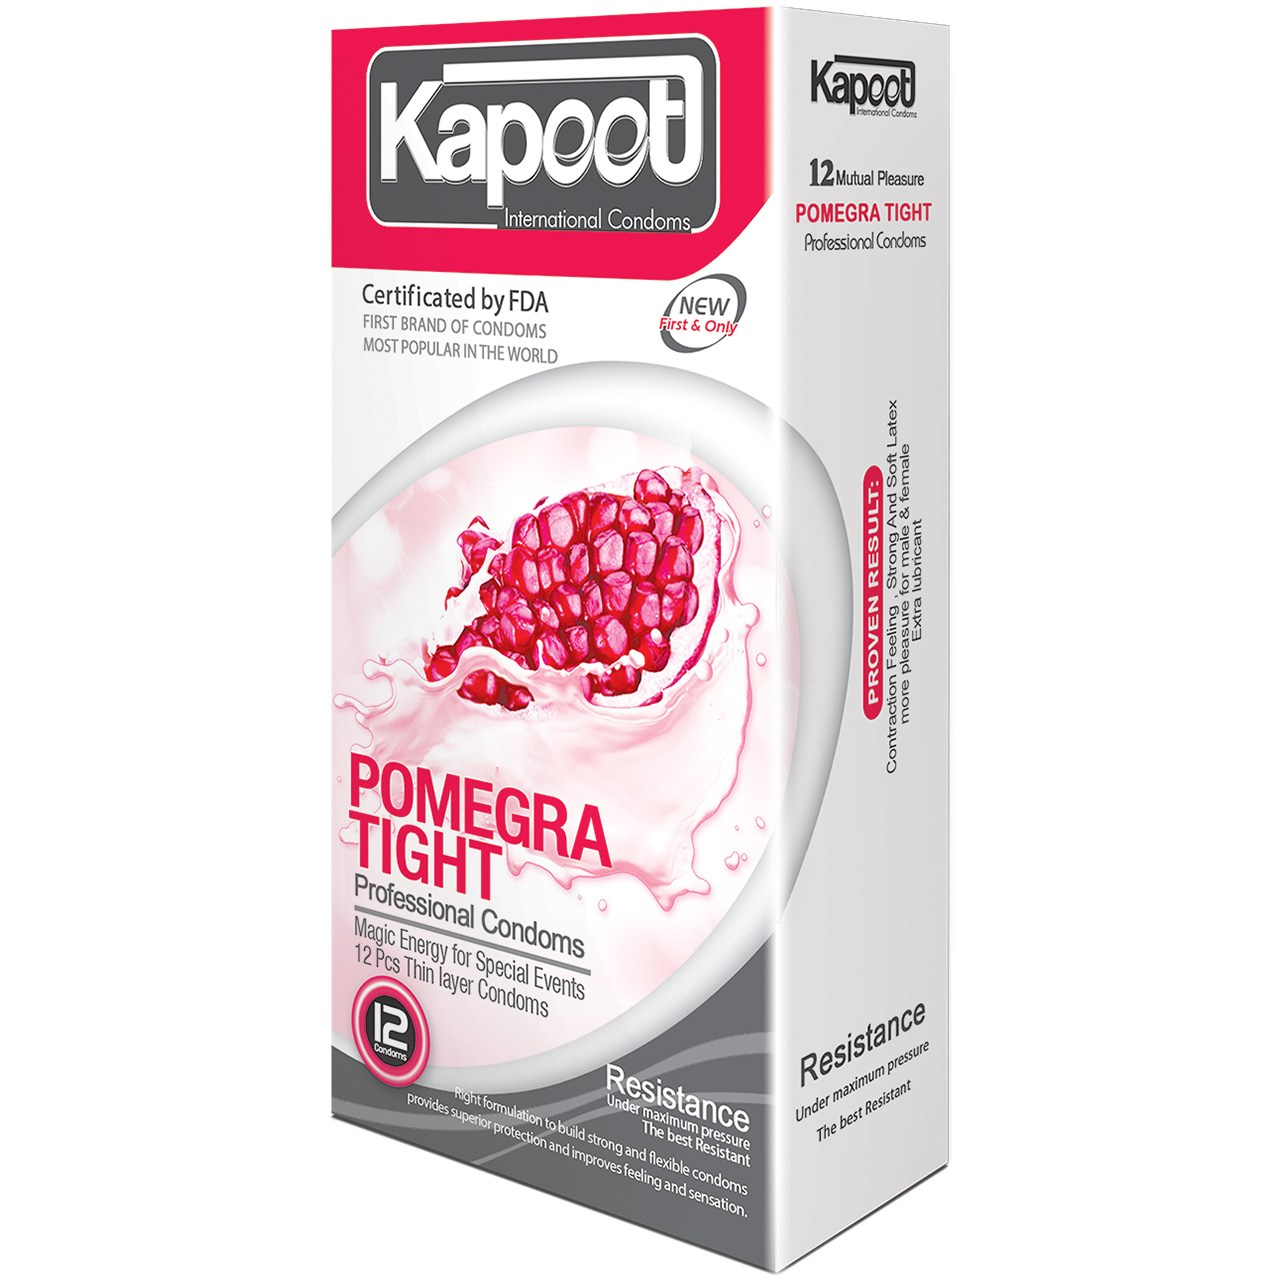 عکس کاندوم کاپوت مدل Pomegra Tight بسته 12 عددی